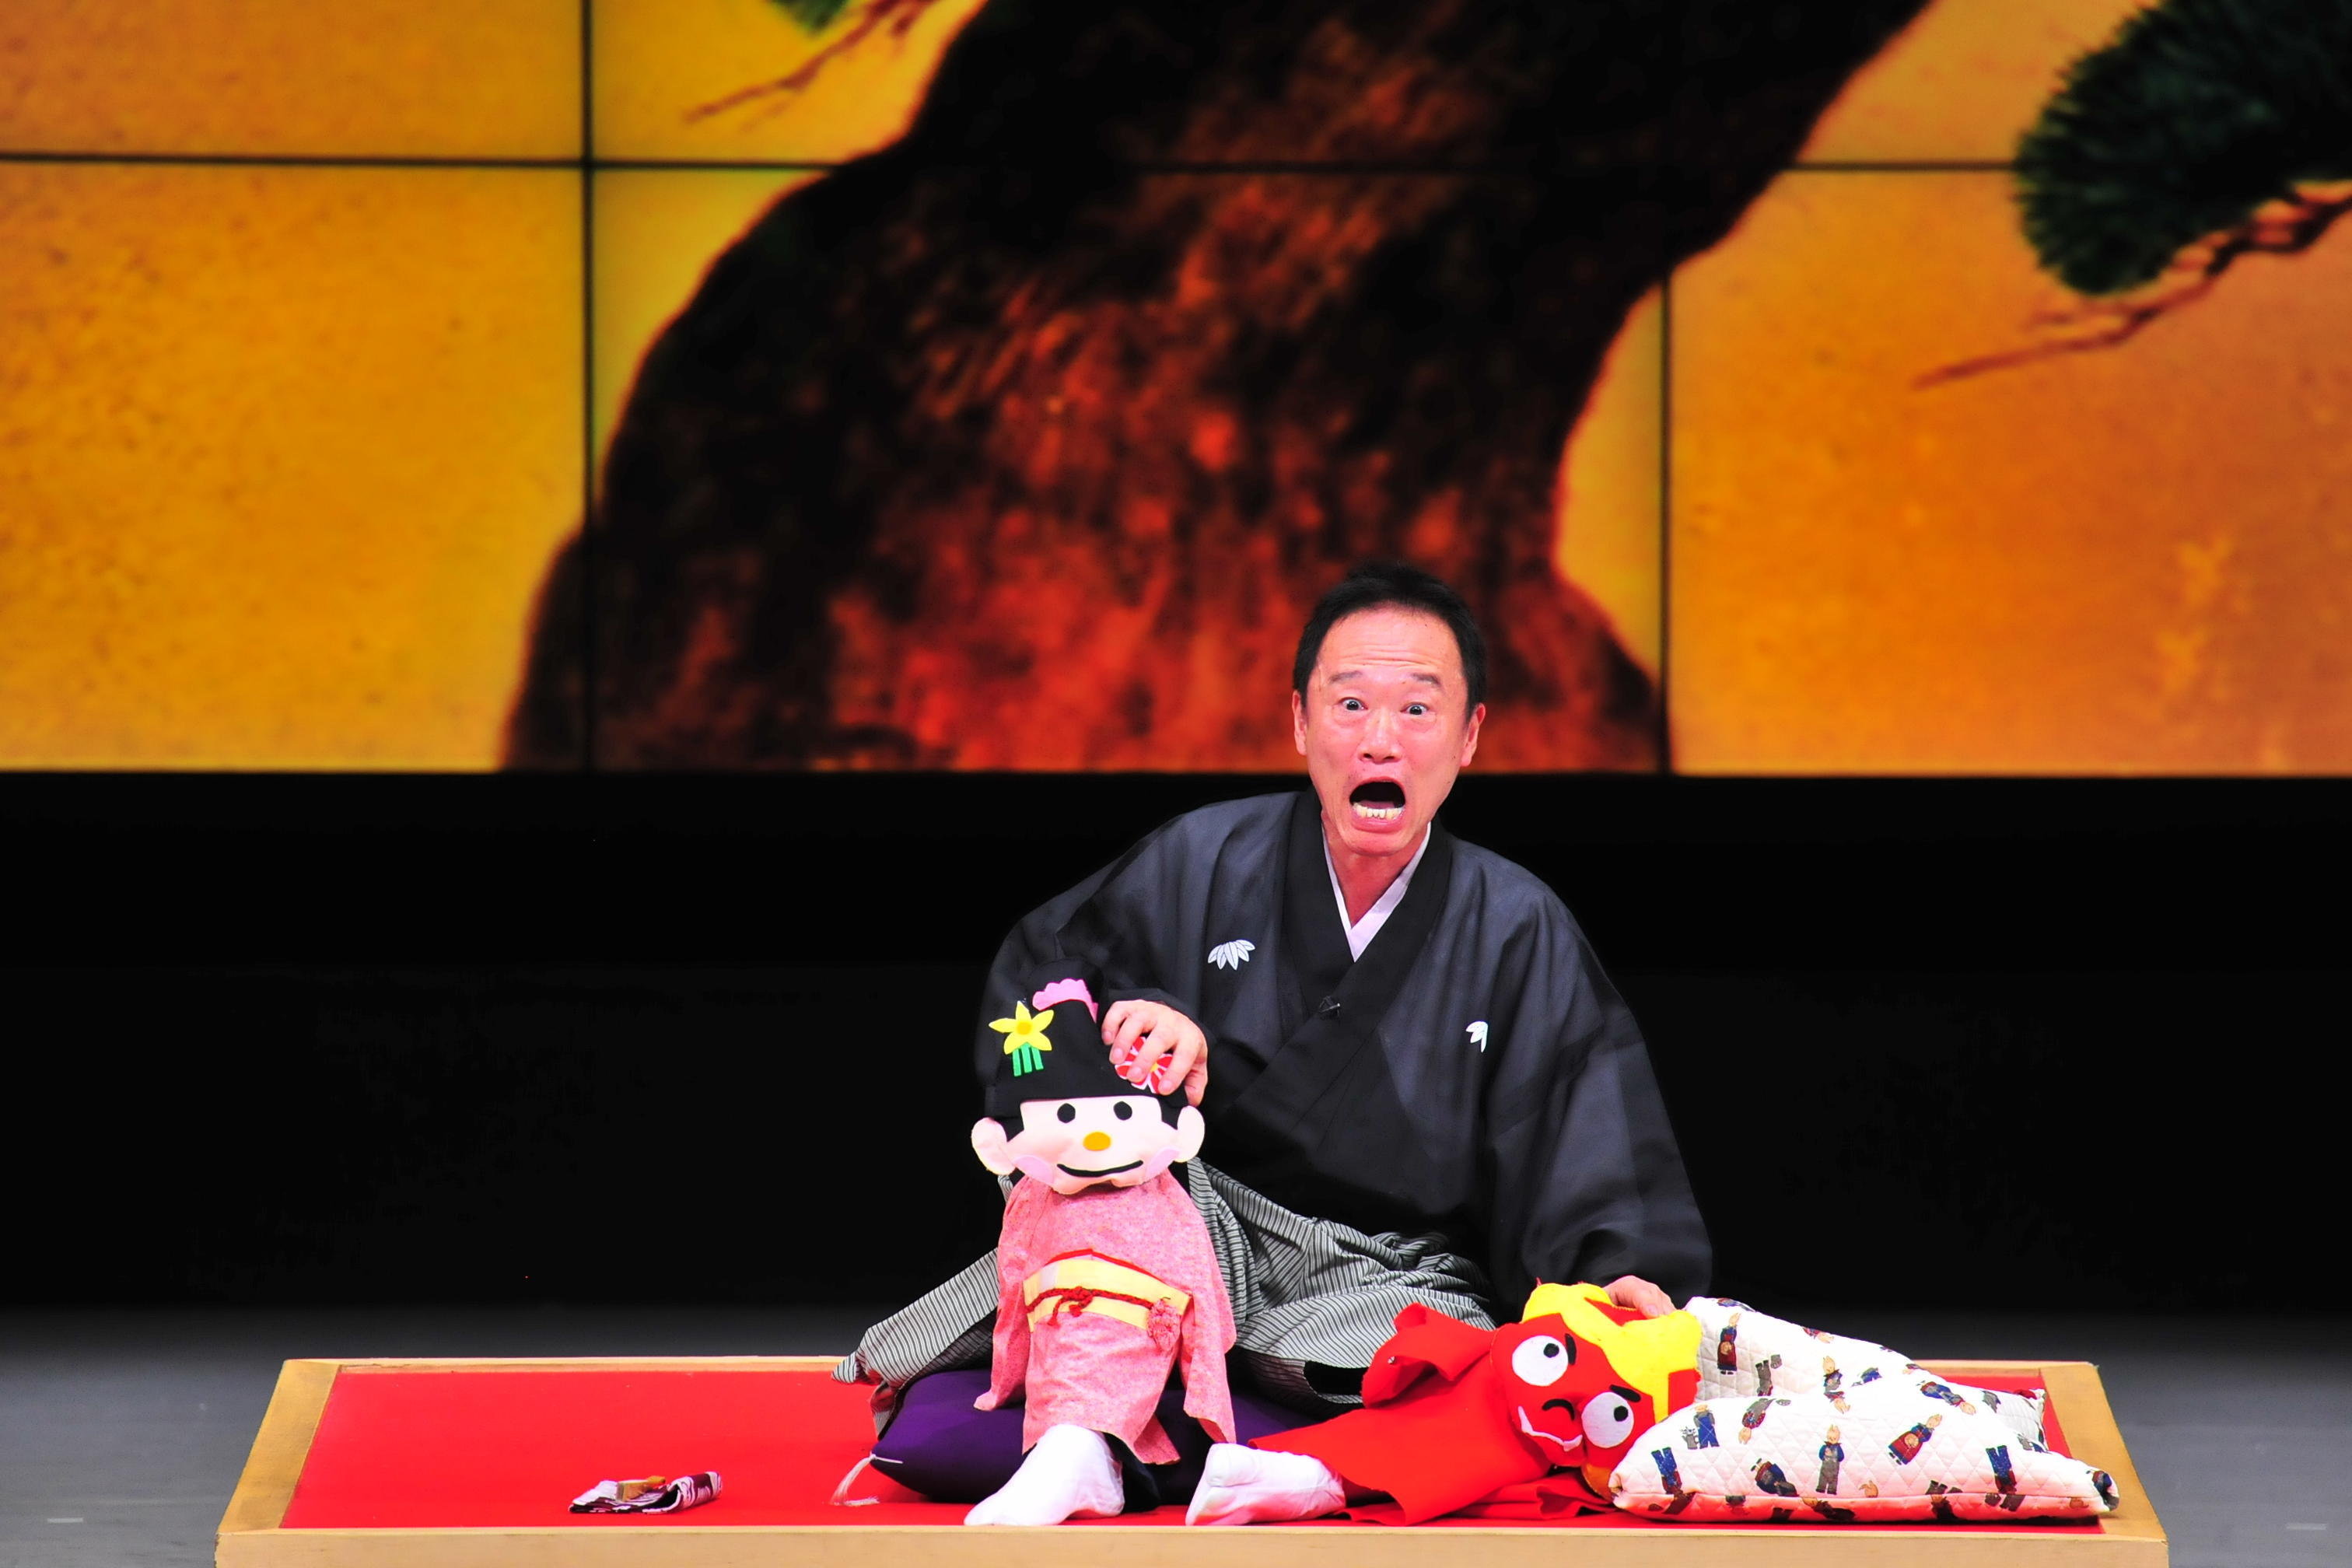 http://news.yoshimoto.co.jp/20160810000001-db939fbe2f67f92d8547c7313396de6f9d59340b.jpg